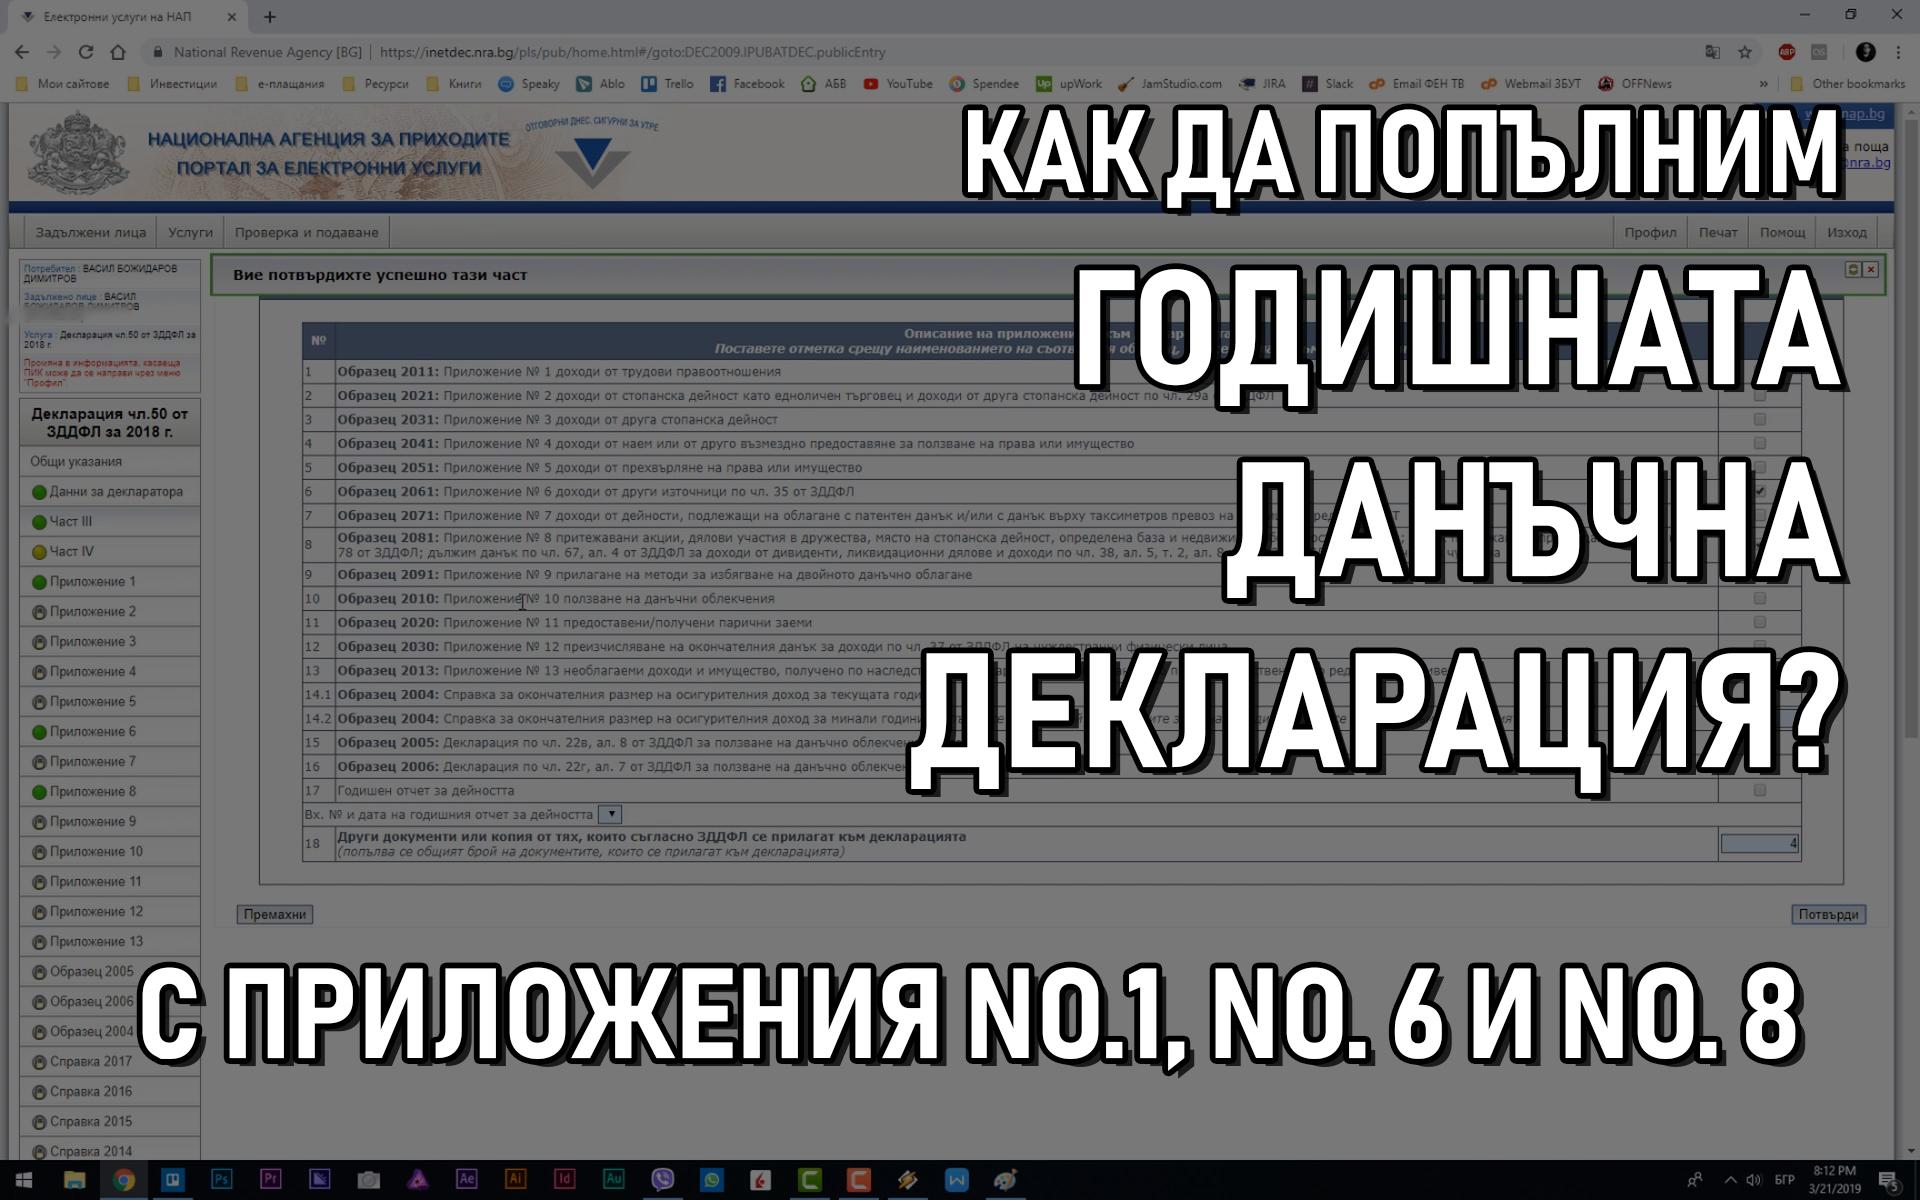 Как да попълним и подадем данъчна декларация за доходите по чл. 50 от ЗДДФЛ